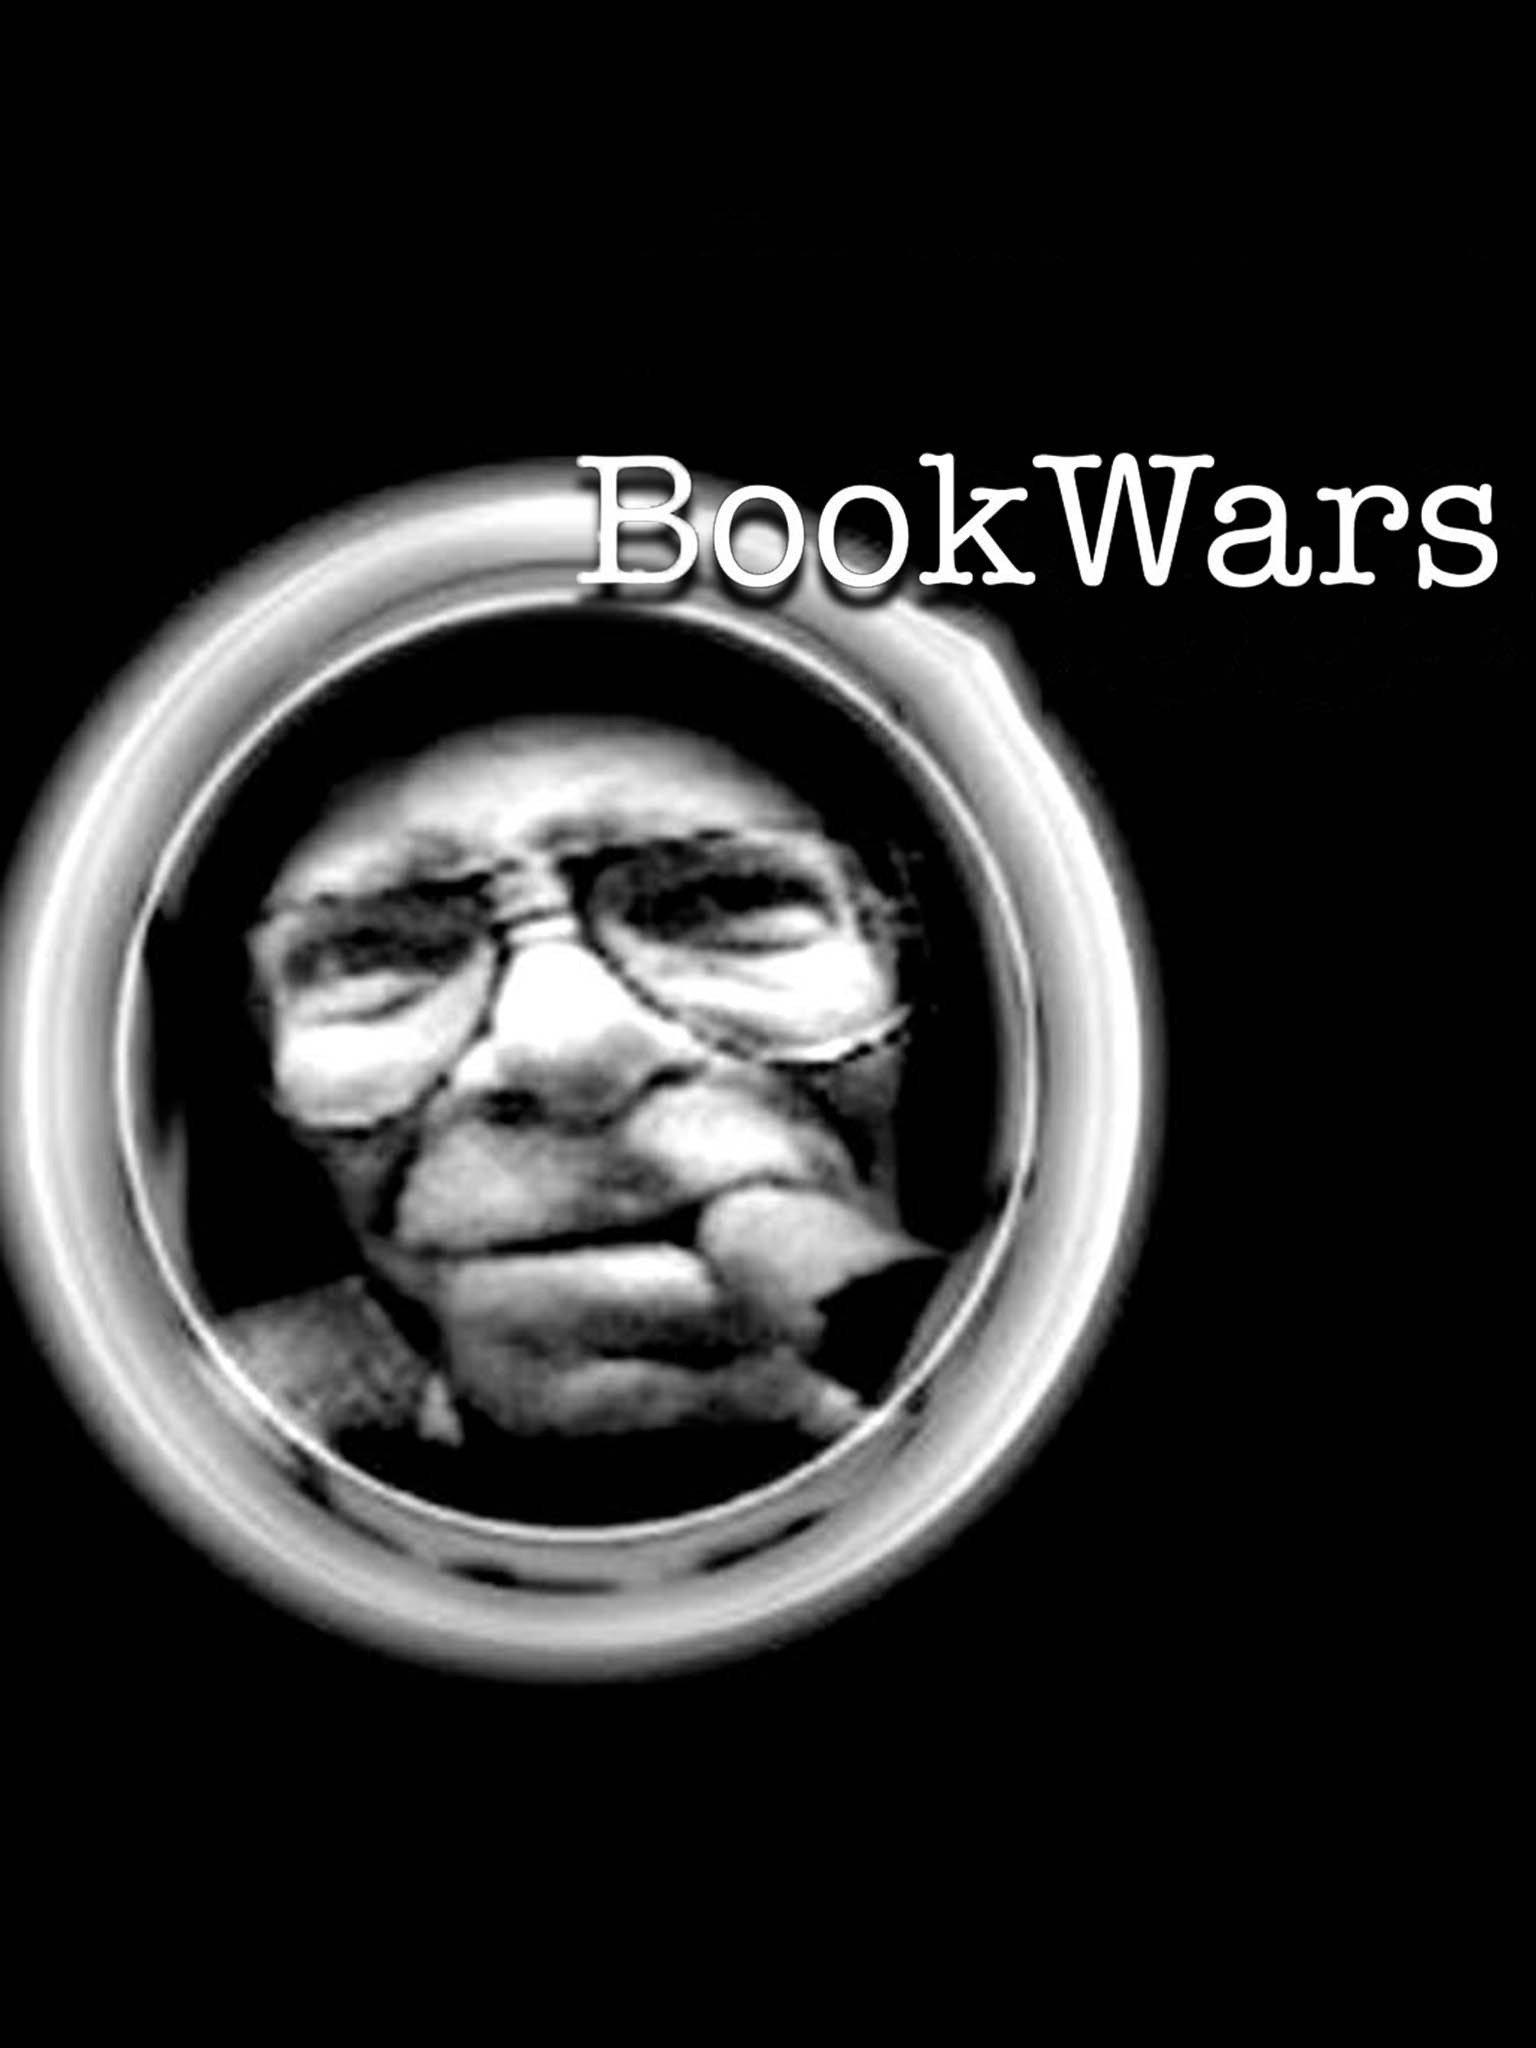 BookWars